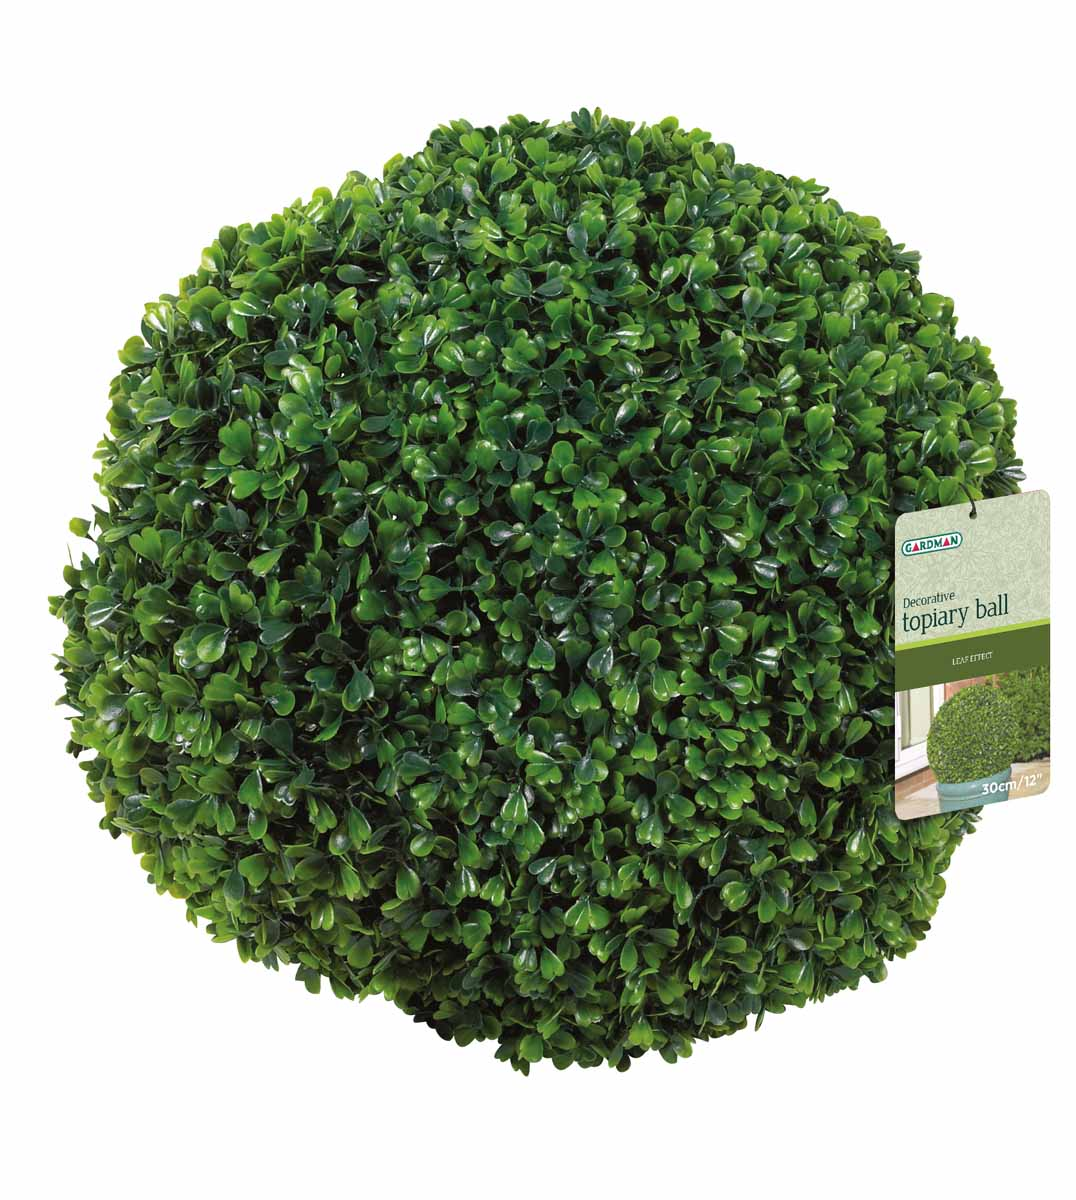 Искусственное растение Gardman Topiary Ball. Самшит, цвет: зеленый, диаметр 30 см10498Искусственное растение Gardman Topiary Ball выполнено из пластика в виде шара. Листья растения зеленого цвета имитируют самшит. К растению прикреплены три цепочки с крючком, за который его можно повесить в любое место. Также растение можно поместить в горшок. Растение устойчиво к воздействиям внешней среды, таким как влажность, солнце, перепады температуры, не выцветает со временем. Искусственное растение Gardman Topiary Ball великолепно украсит интерьер офиса, дома или сада.Характеристики:Материал: пластик, металл. Цвет: зеленый. Диаметр шара: 30 см. Длина цепочек с крючком: 25 см.